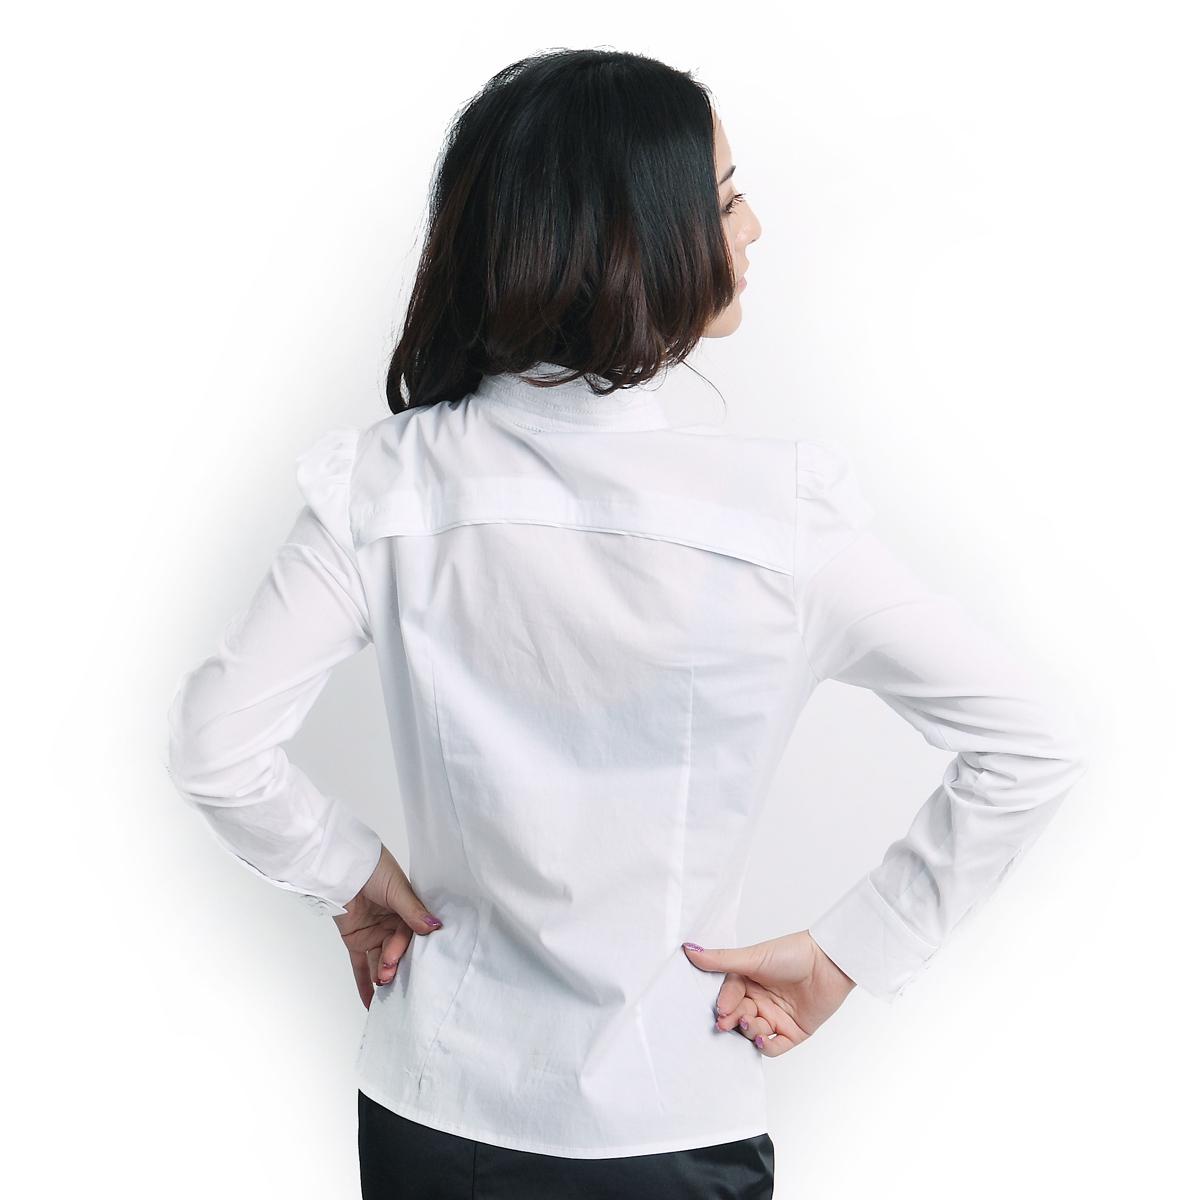 женская рубашка OSA sc91204 O.SA